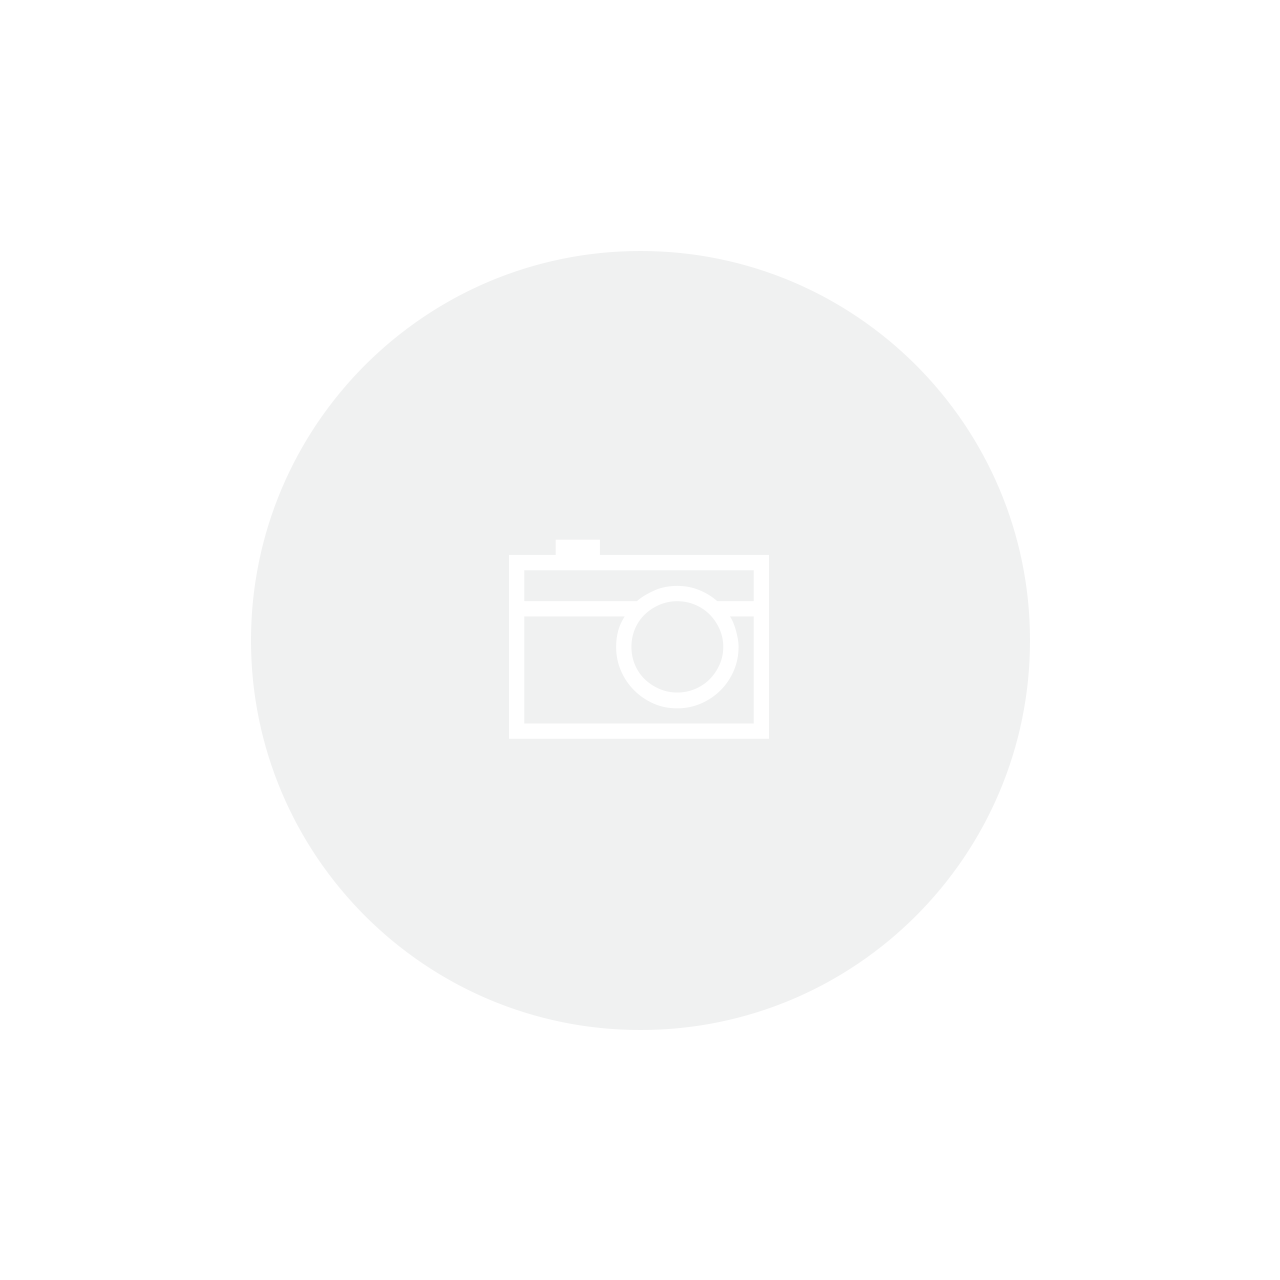 Chinelo Tecido Masculino Beeton Bali M 02